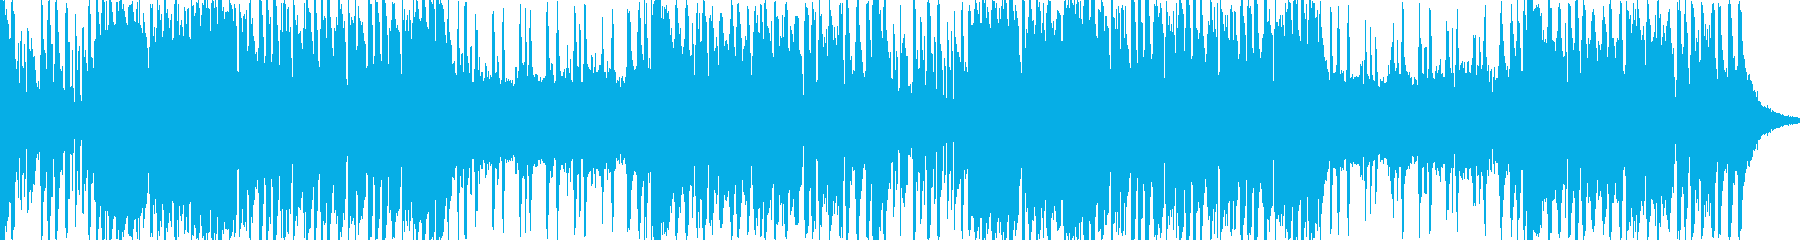 軽快なオーケストラBGMの再生済みの波形